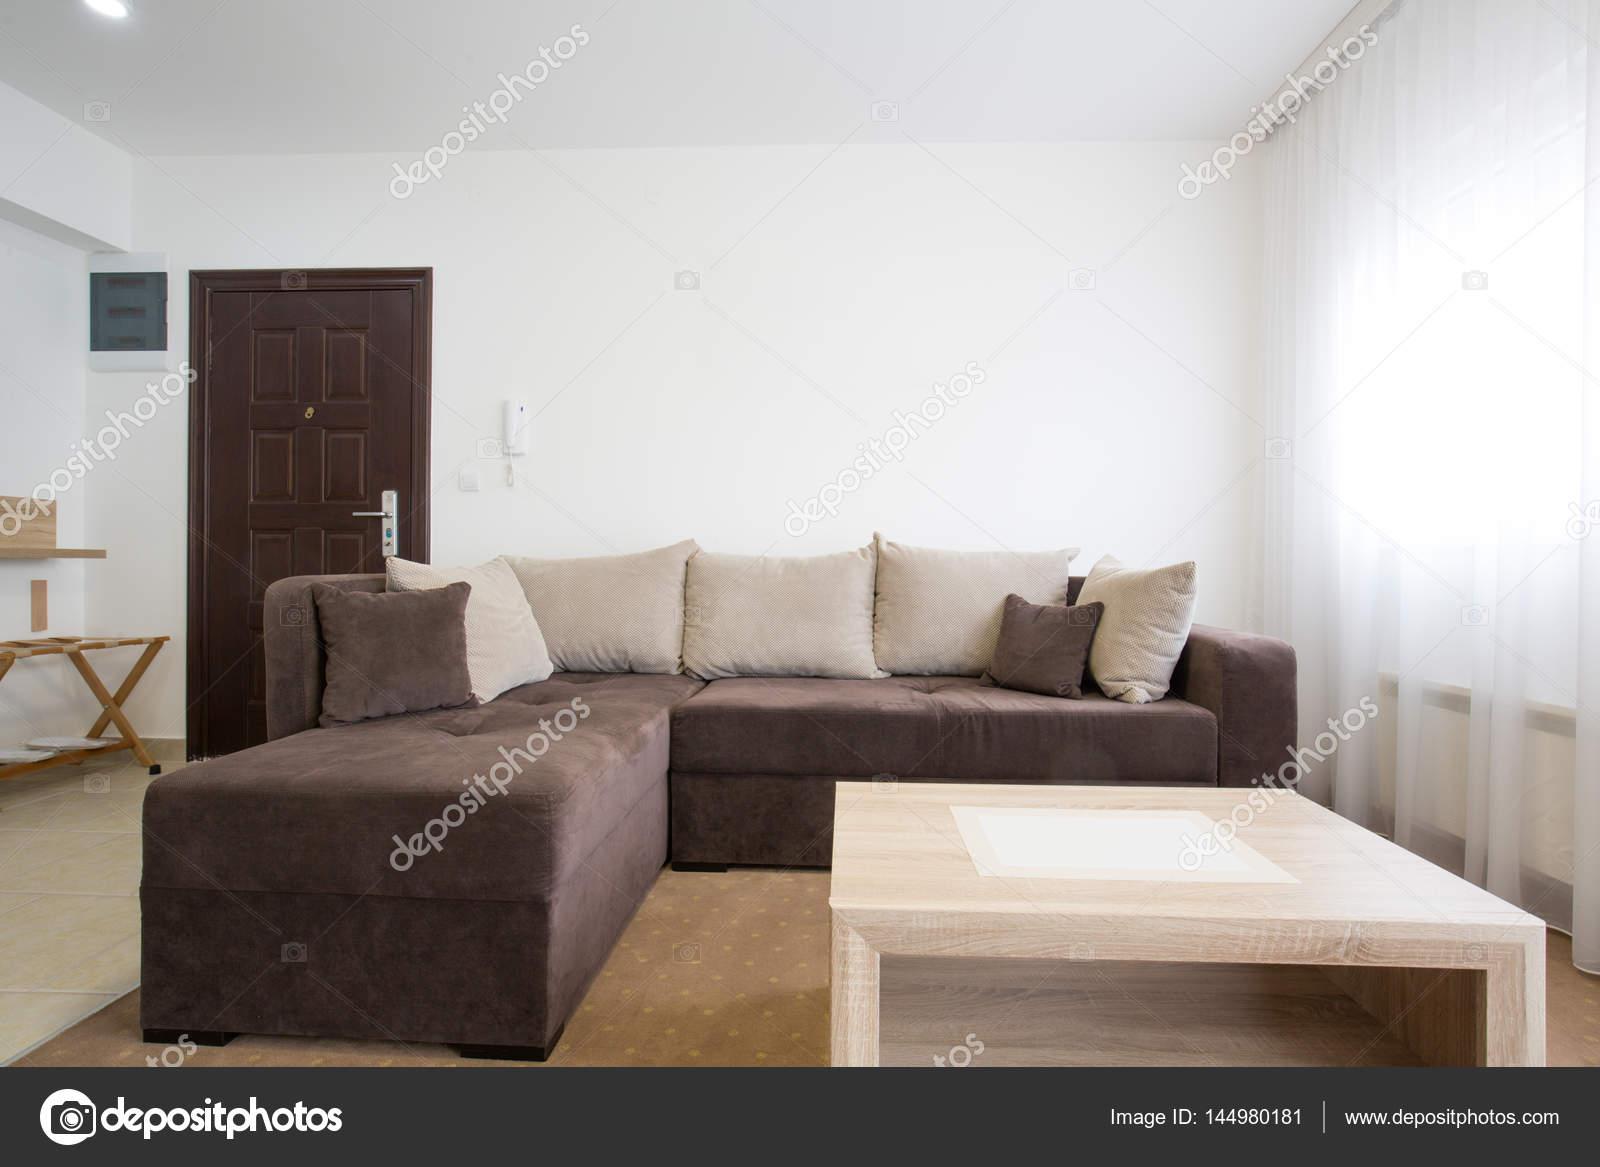 https://st3.depositphotos.com/3386033/14498/i/1600/depositphotos_144980181-stock-photo-living-room-apartment-interior-design.jpg